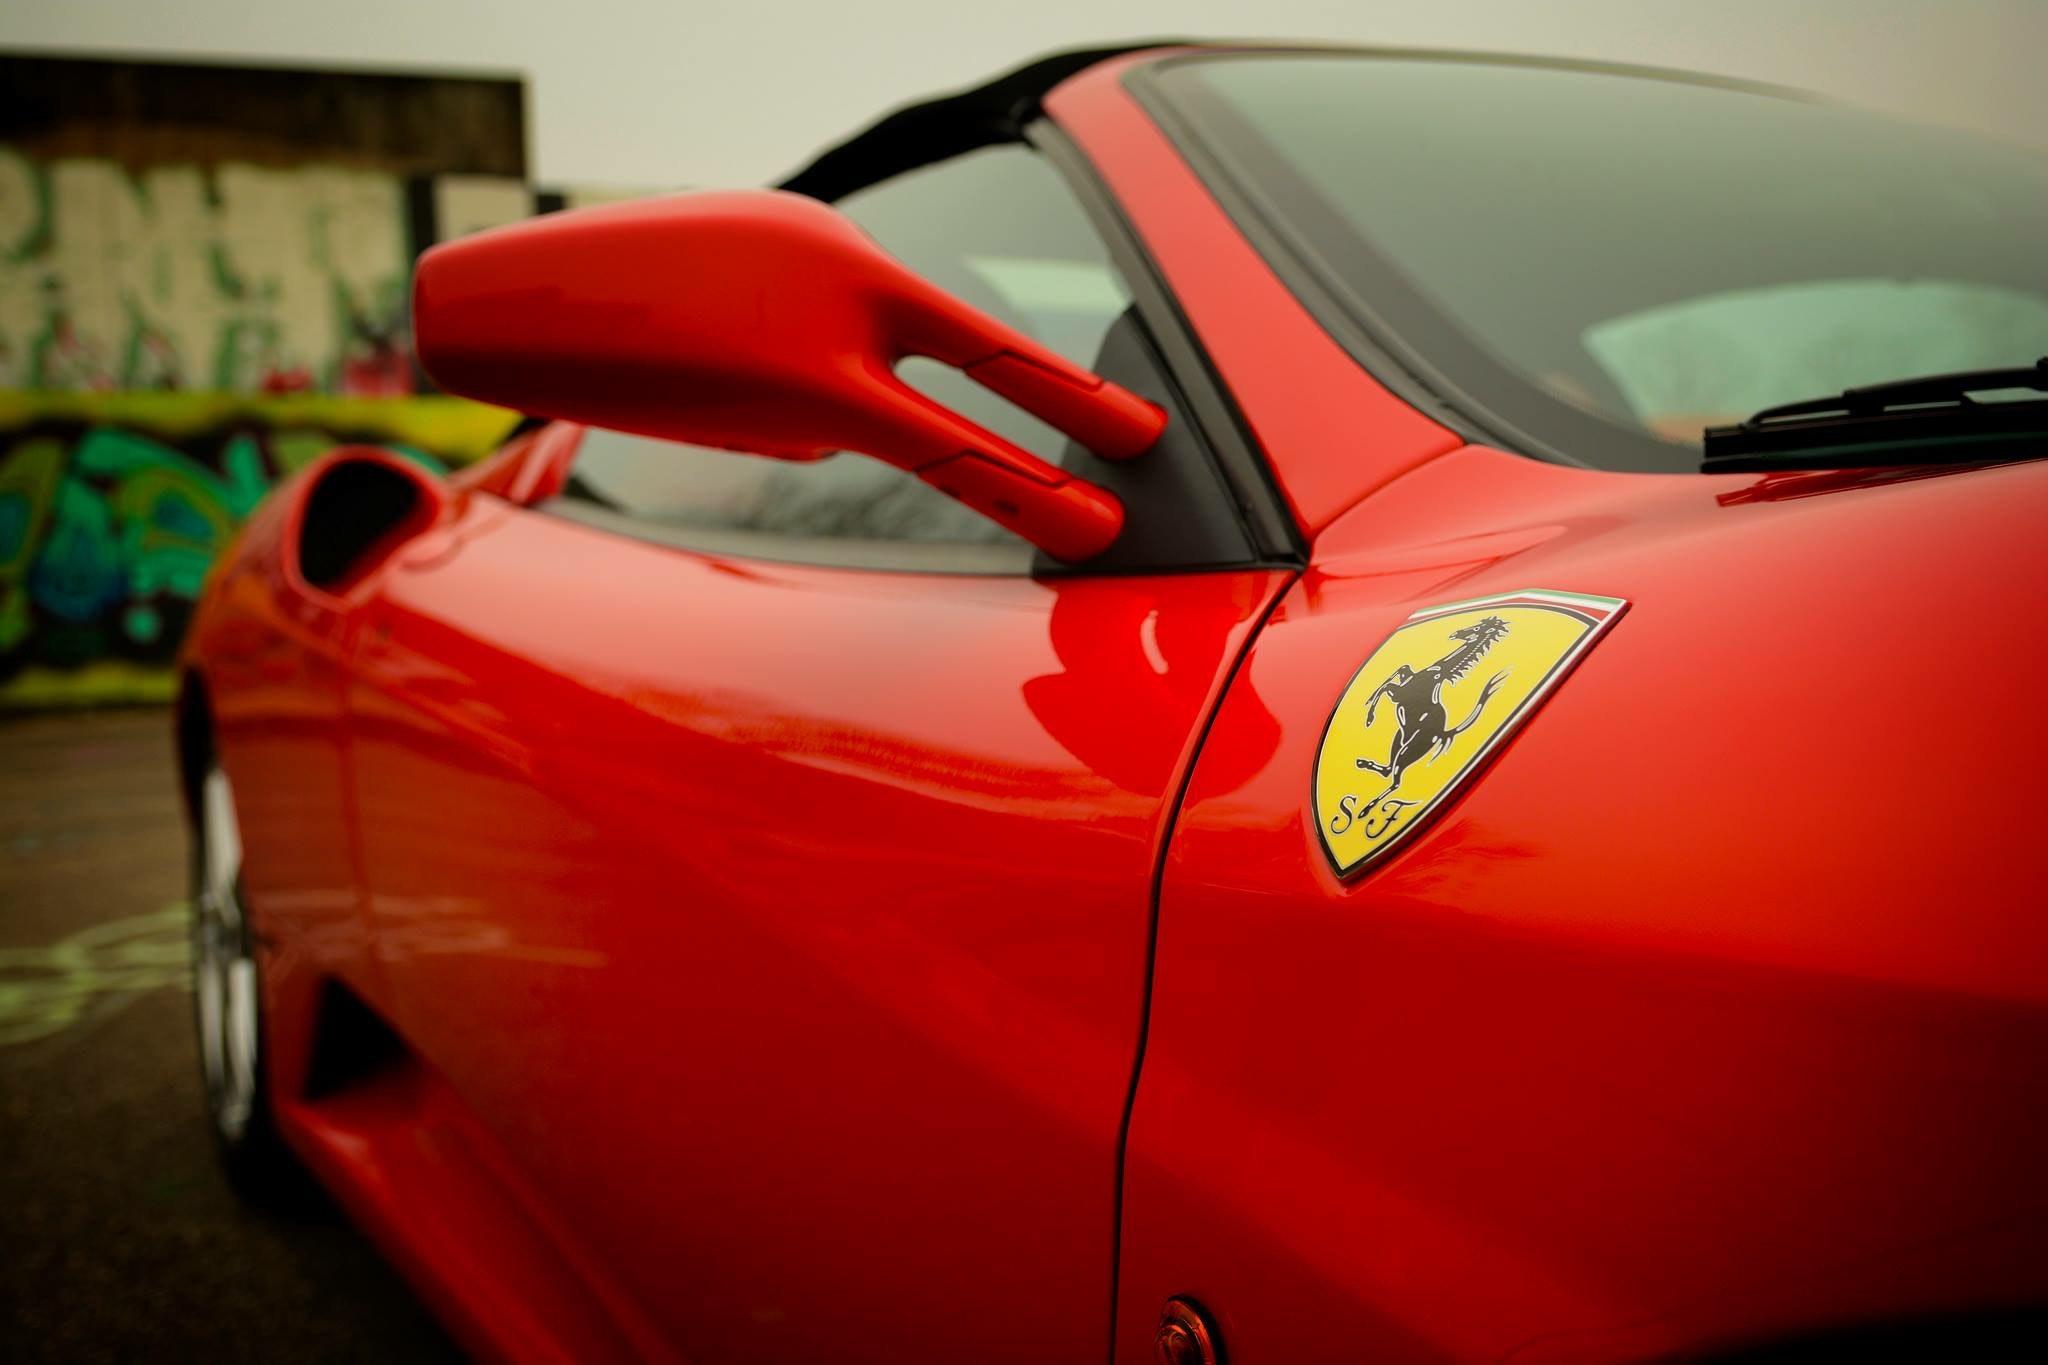 auto-automobile-automotive-404190.jpg